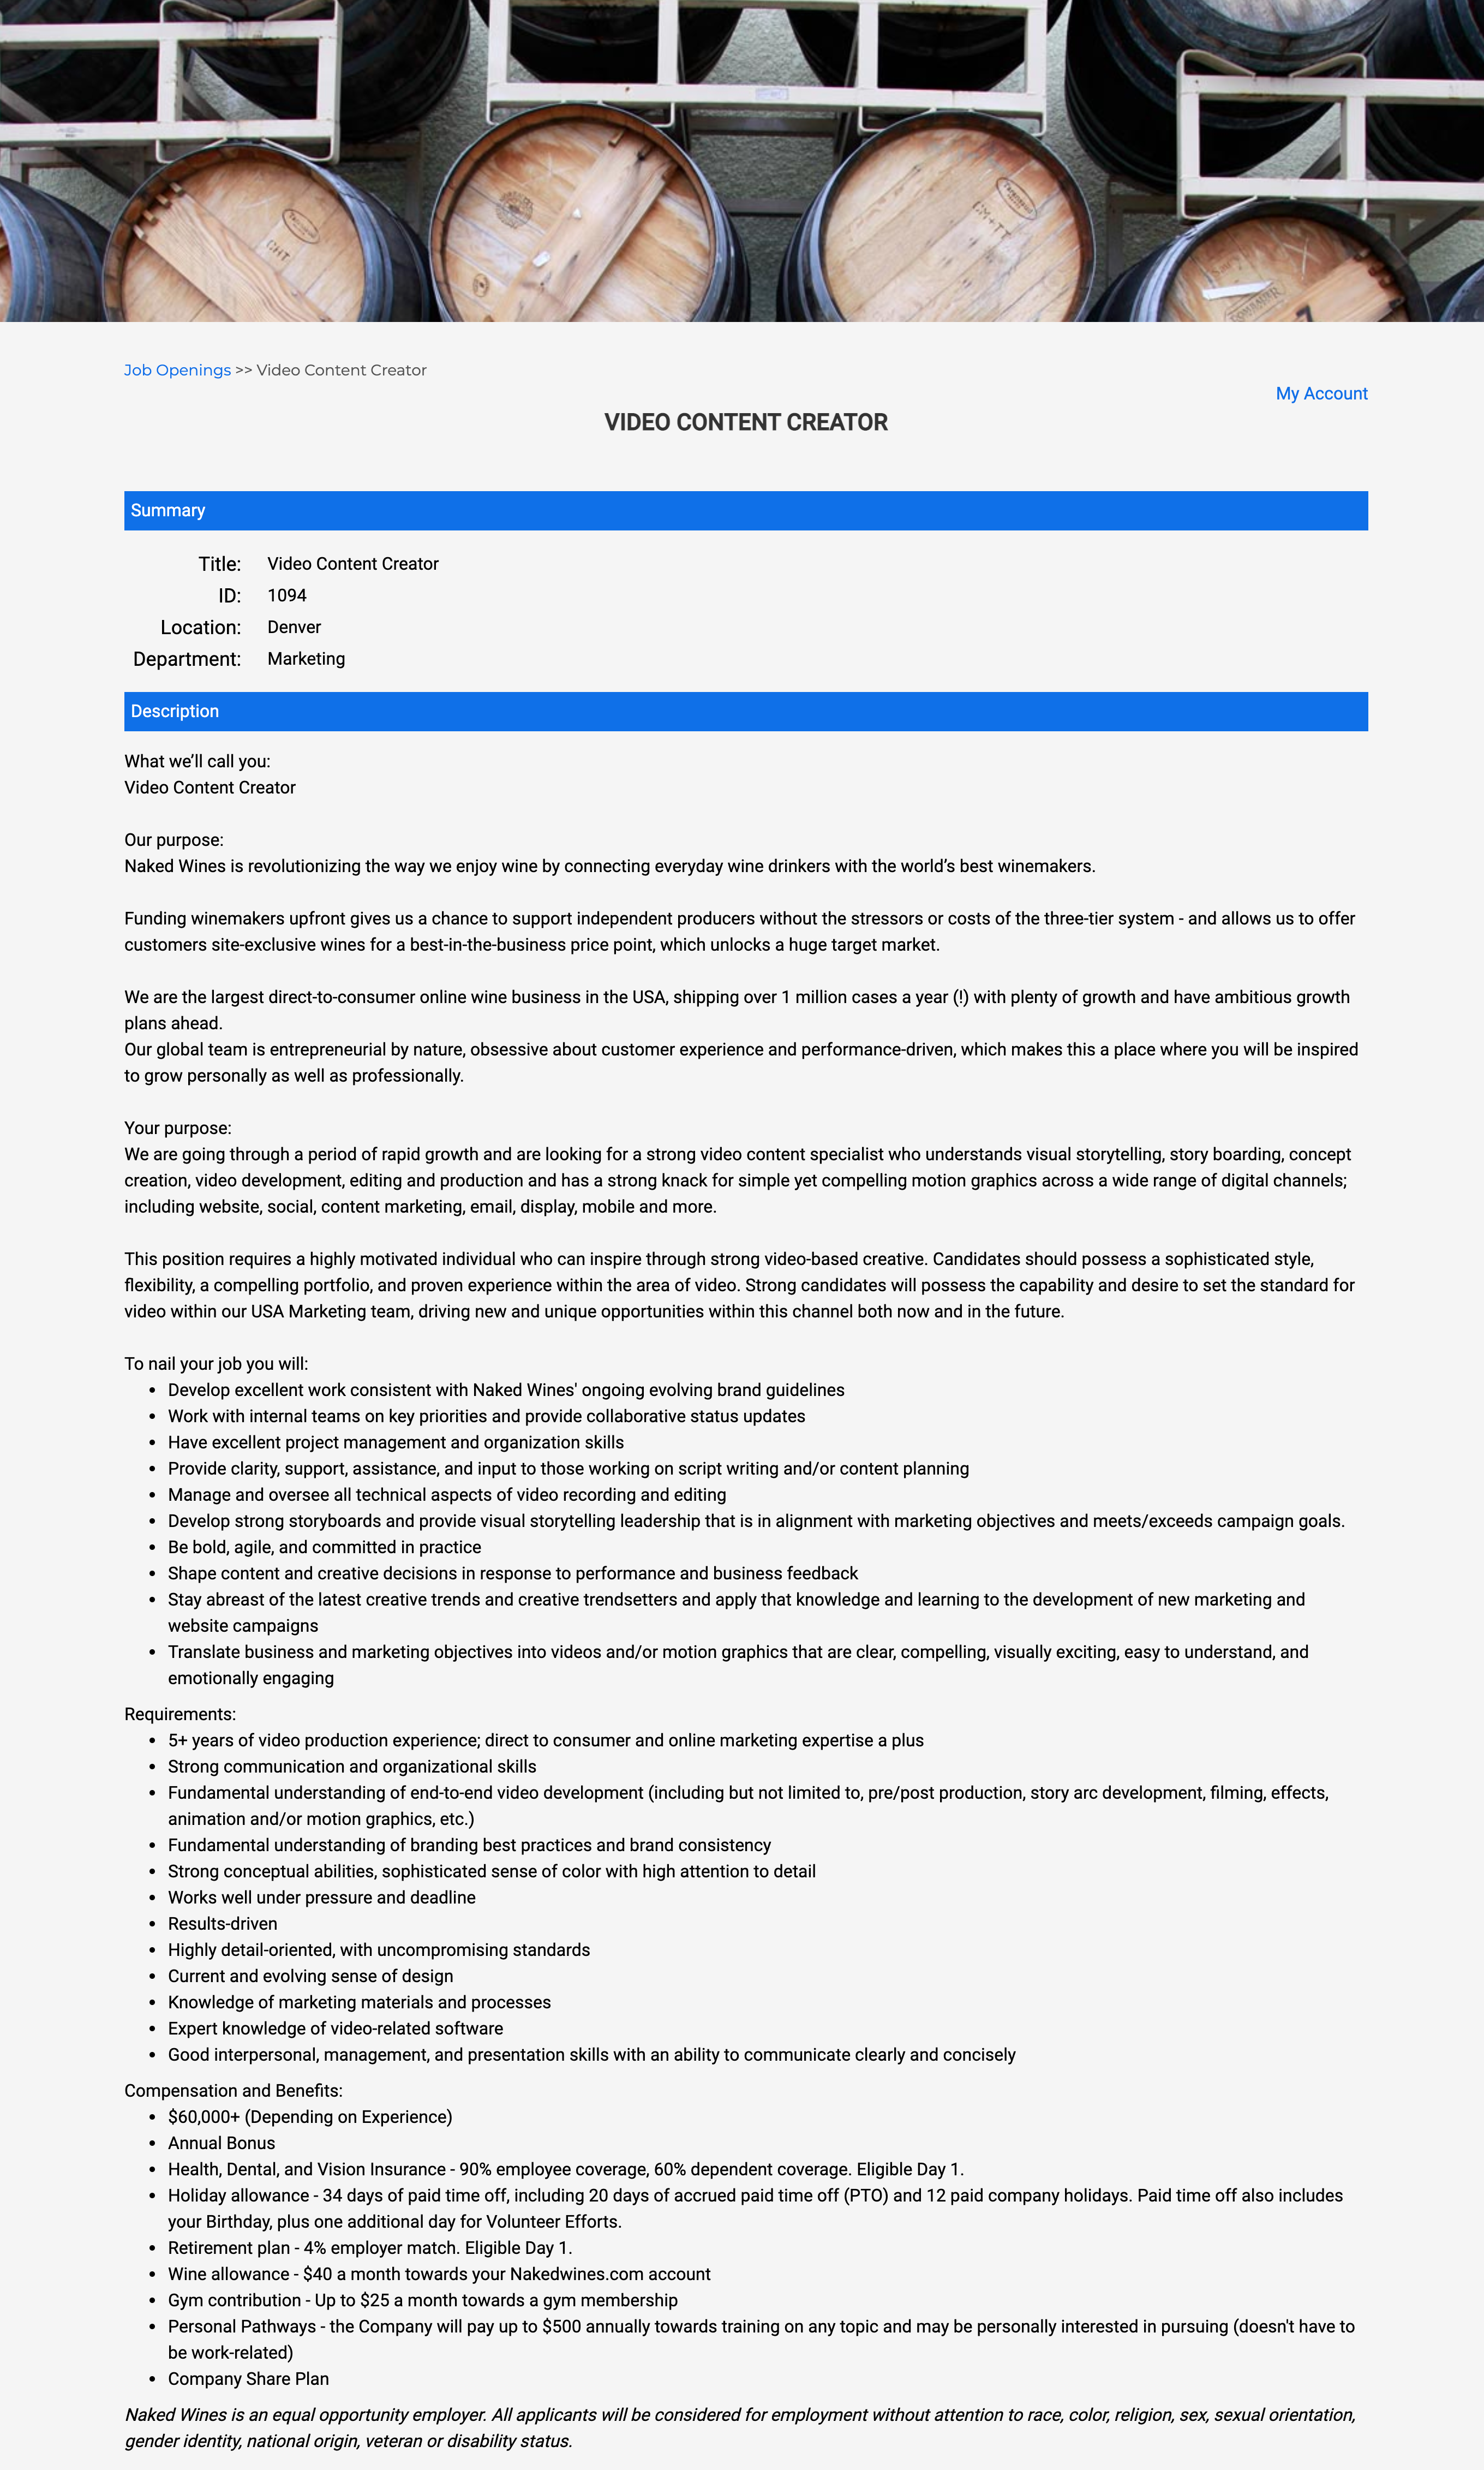 video content creator job description